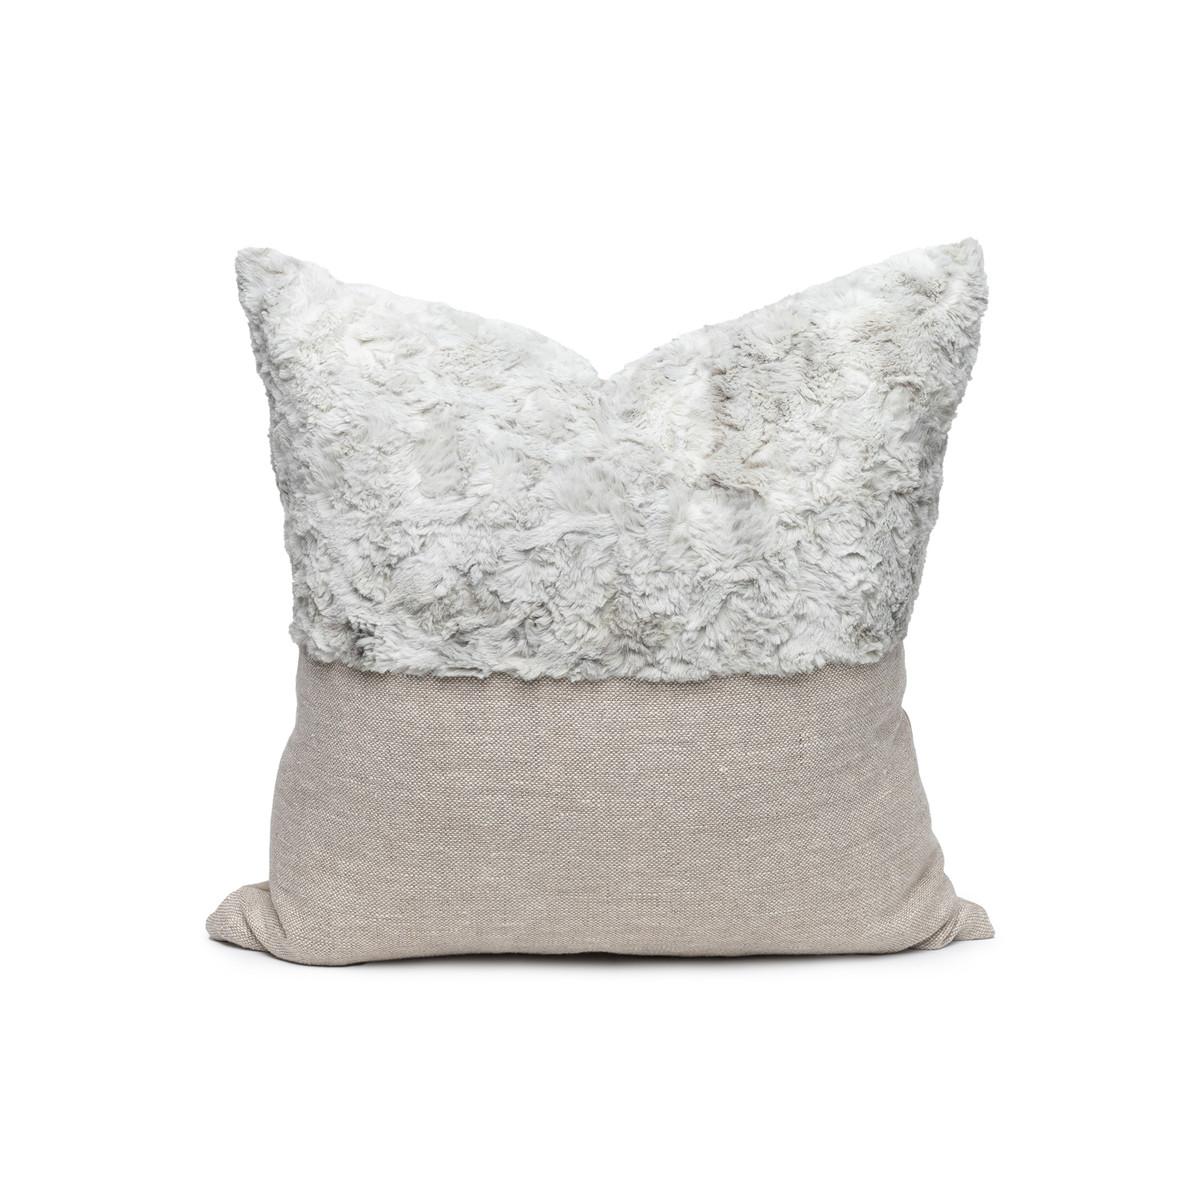 Faux Gray Cozy Granite Vegan Faux Fur Lumbar Pillow  - Front